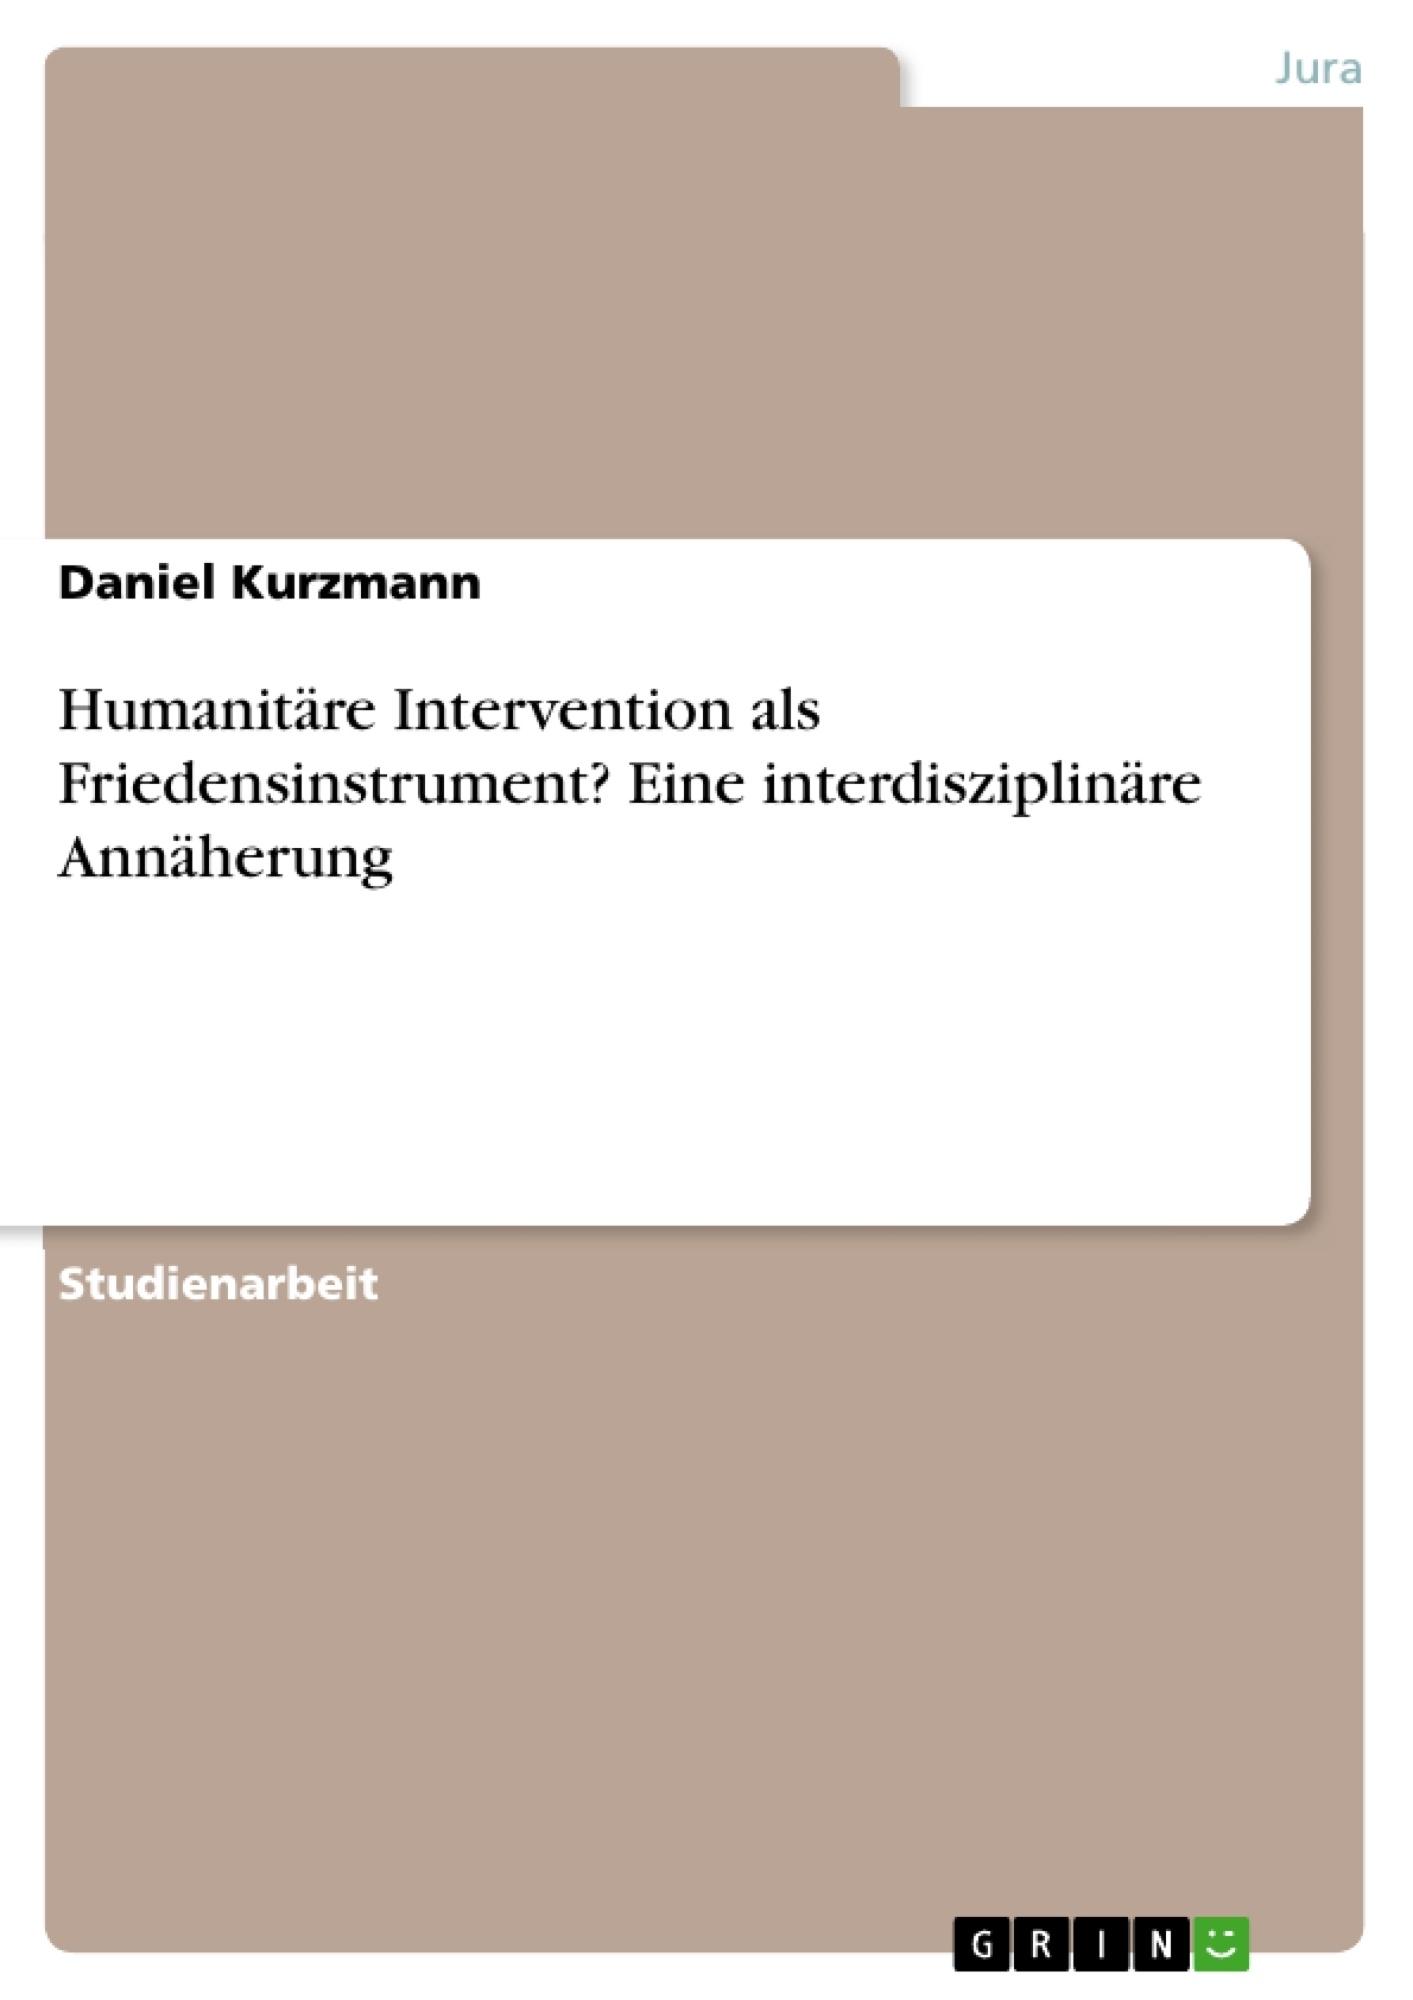 Titel: Humanitäre Intervention als Friedensinstrument? Eine interdisziplinäre Annäherung